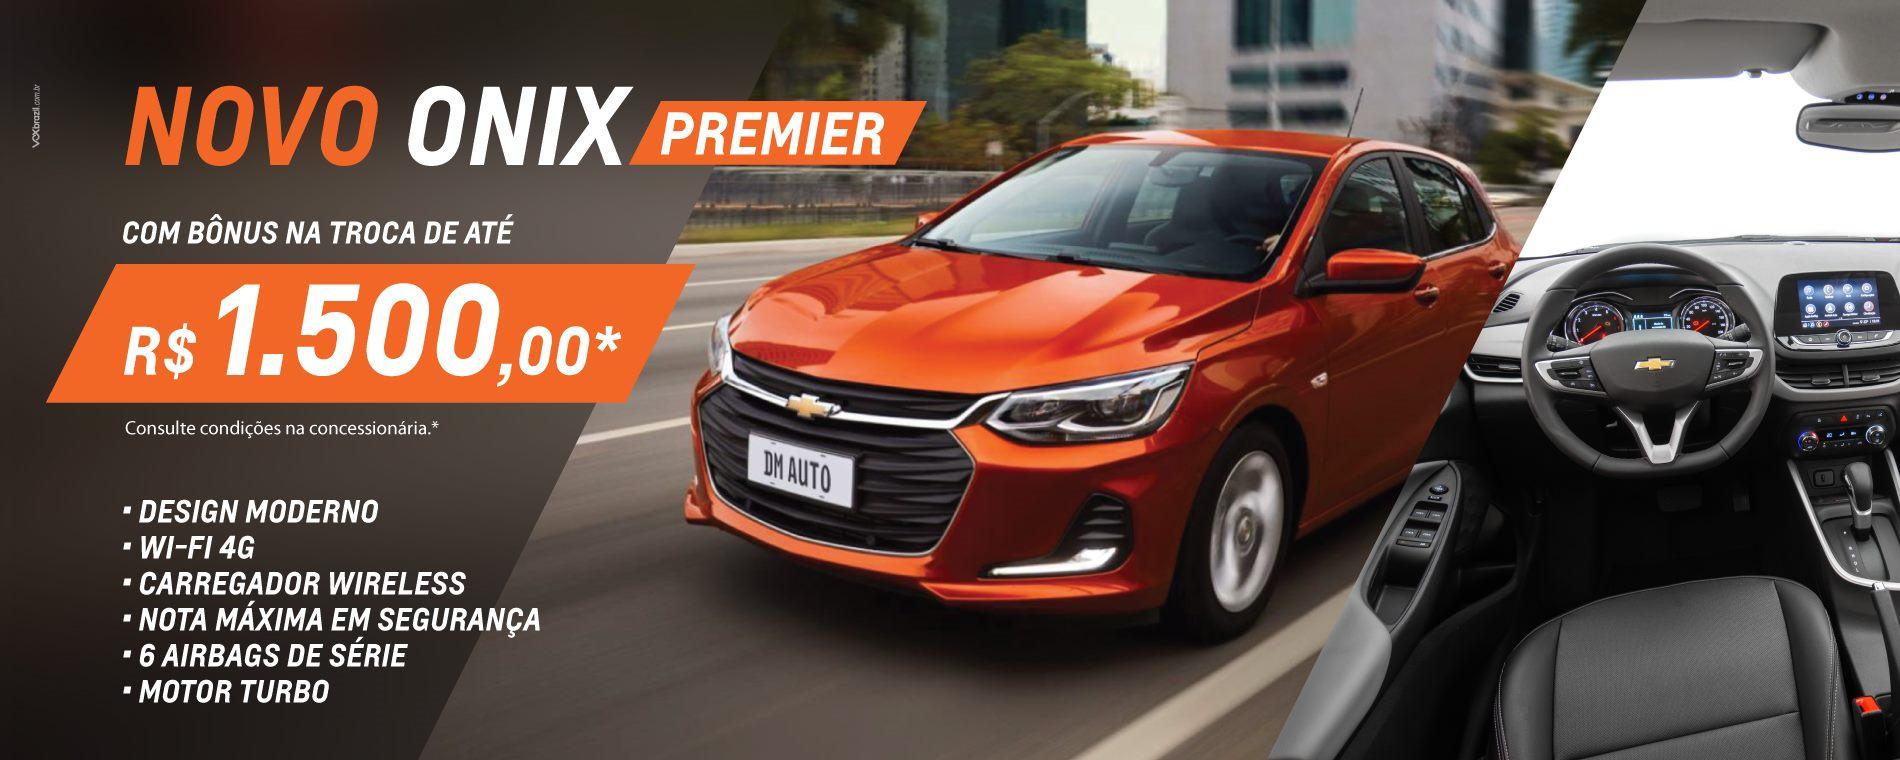 DM Auto - Banners site Onix - Premier